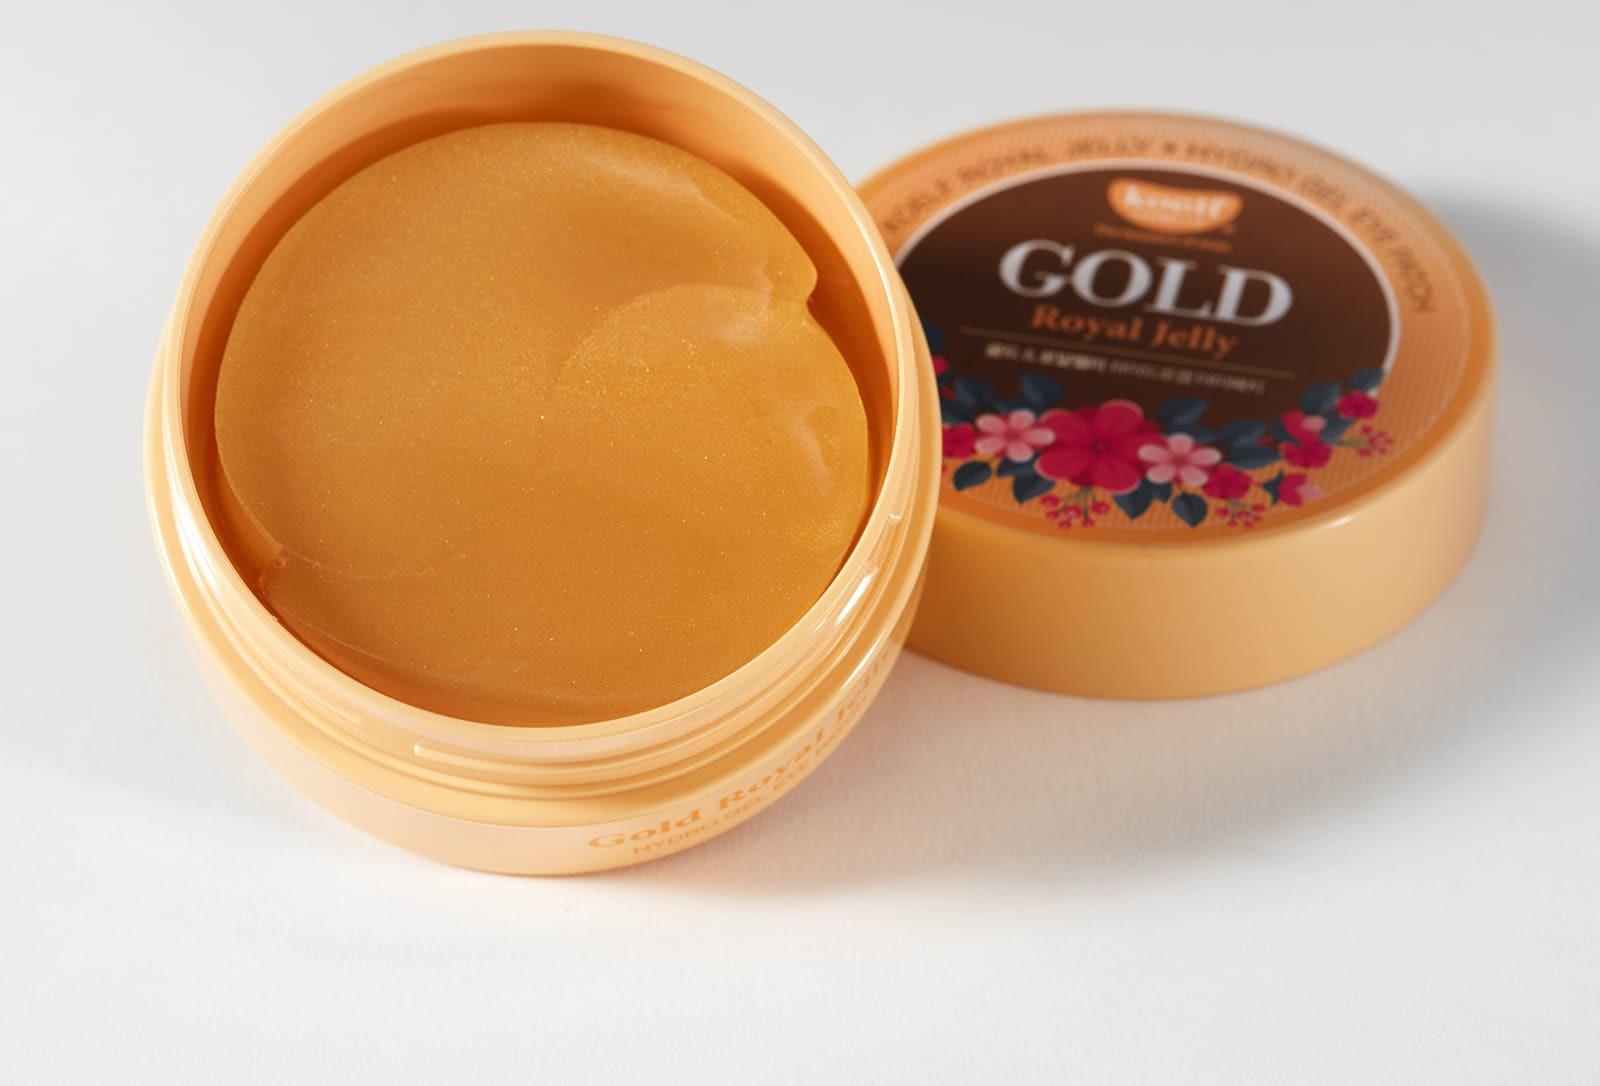 Антивозрастные гидрогелевые патчи с золотом и маточным молочком Petitfee Koelf Gold & Royal Jelly Eye Patch